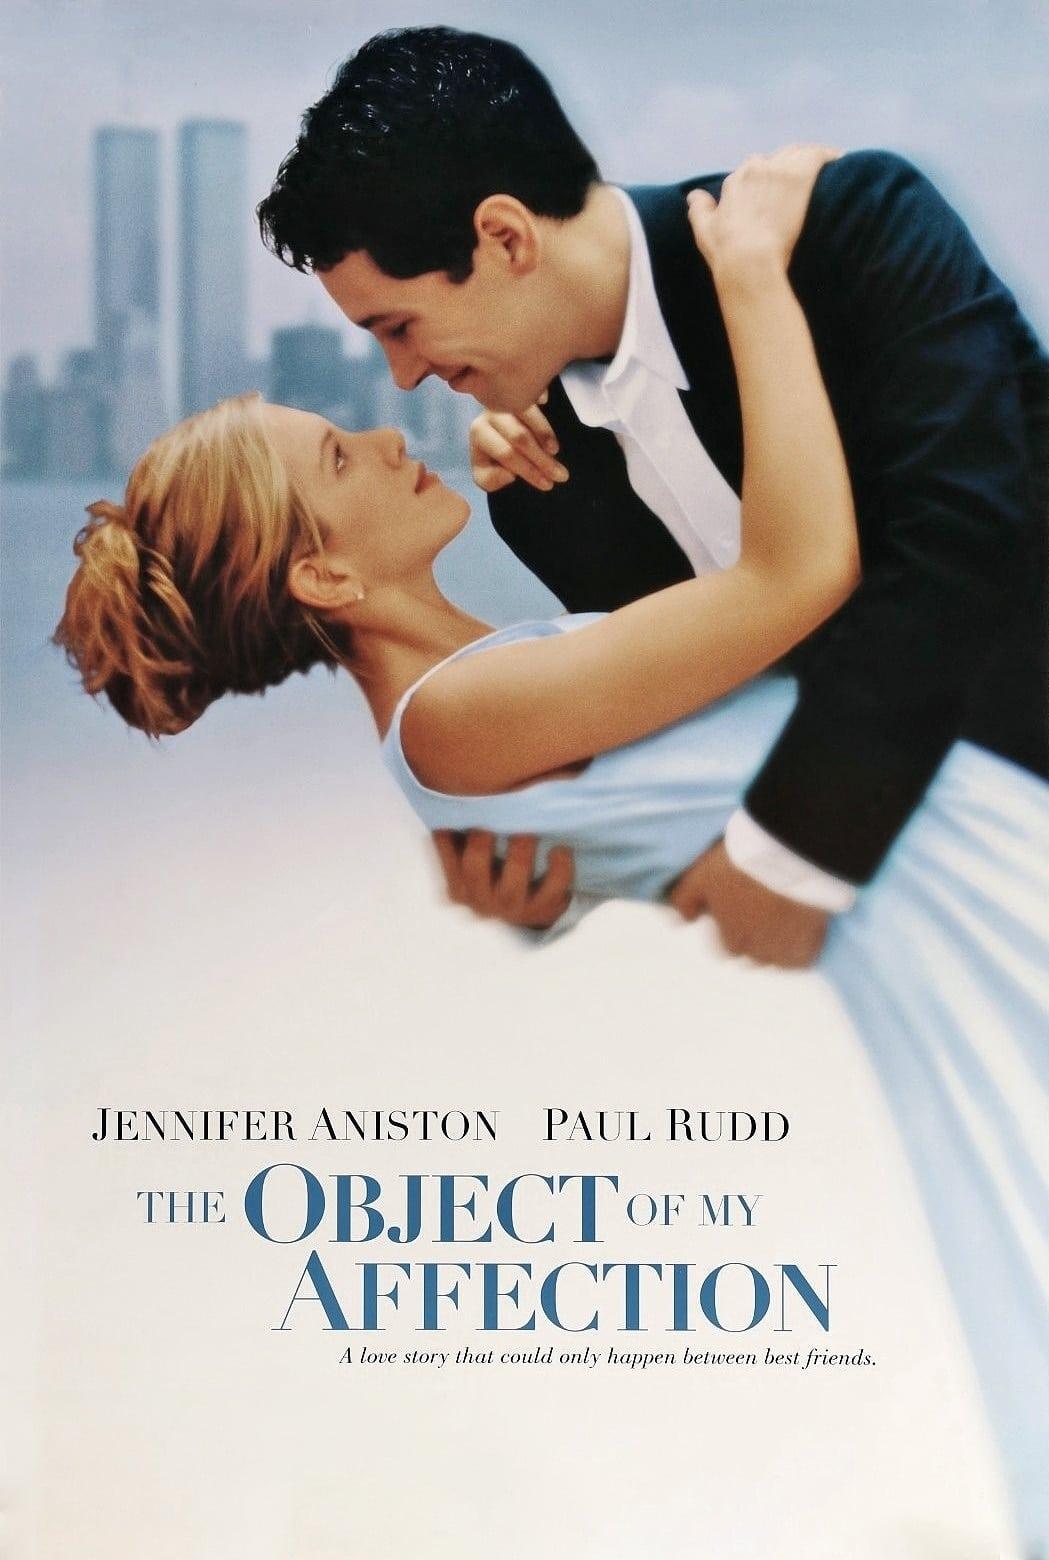 L'objet de mon affection streaming sur Film Streaming - Film 1998 - Streaming hd vf